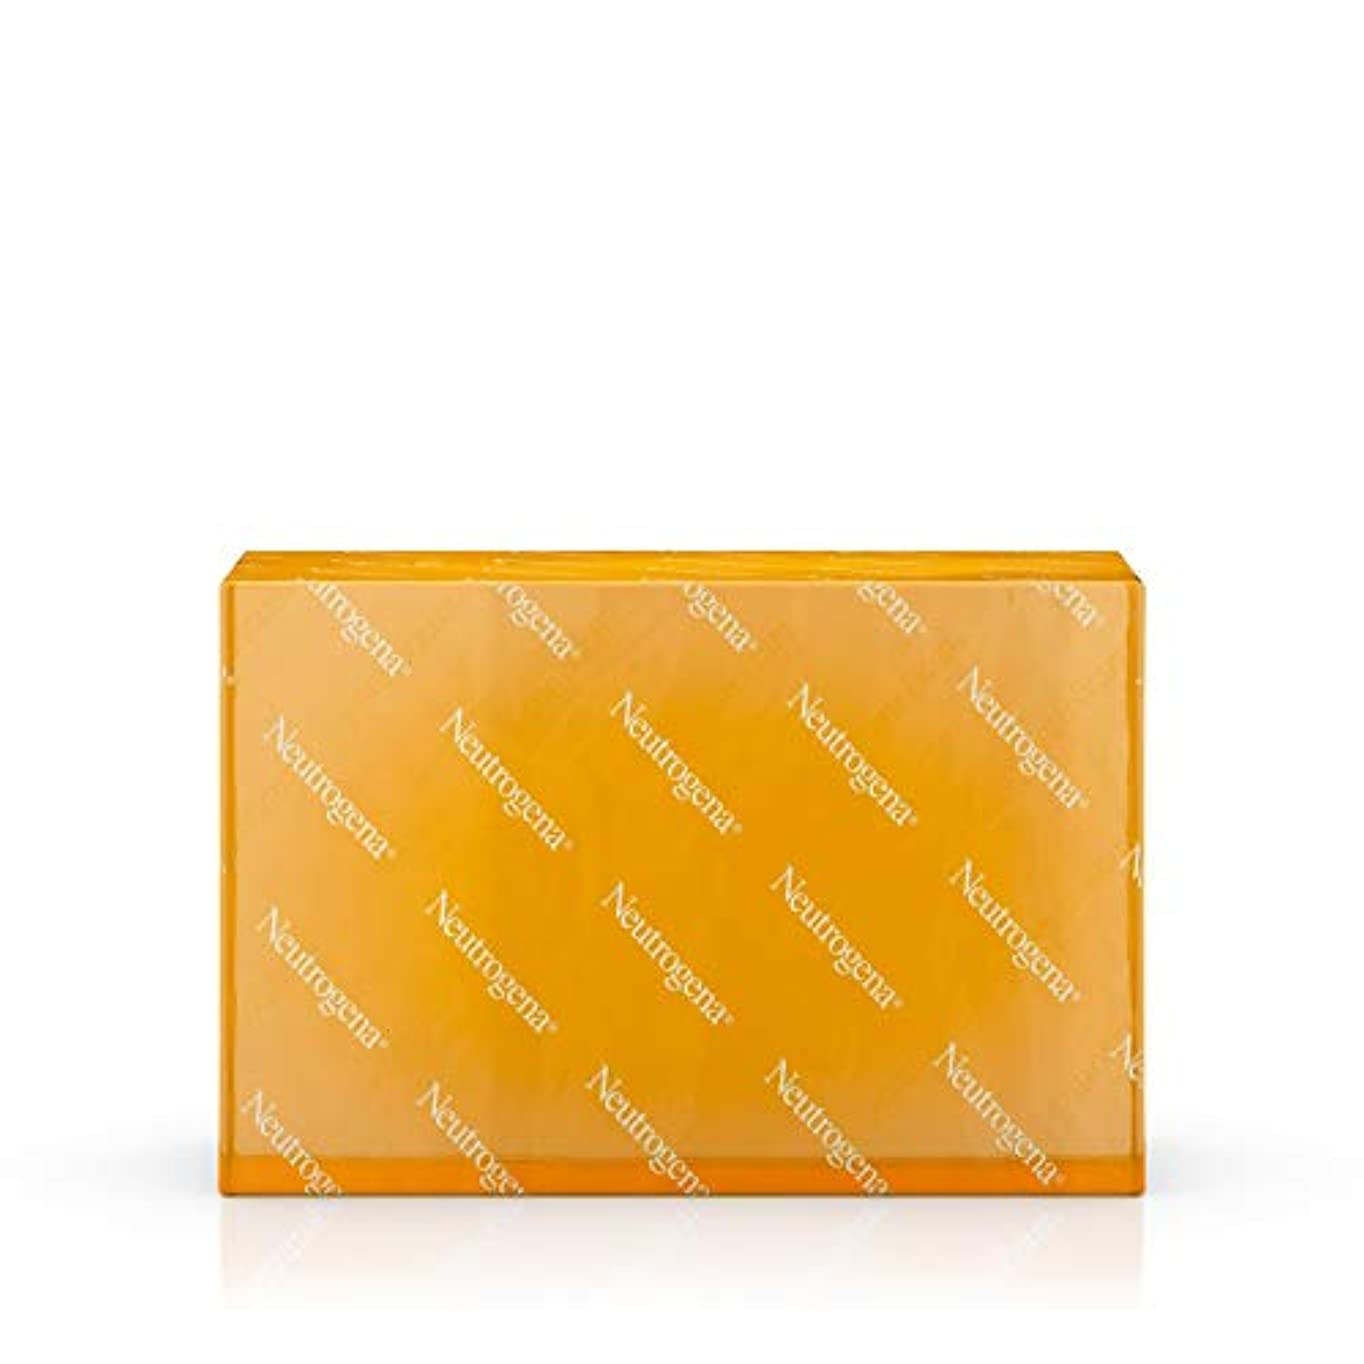 不平を言う静かにめる海外直送品 Neutrogena Neutrogena Transparent Facial Bar Soap Fragrance Free, Fragrance Free 3.5 oz